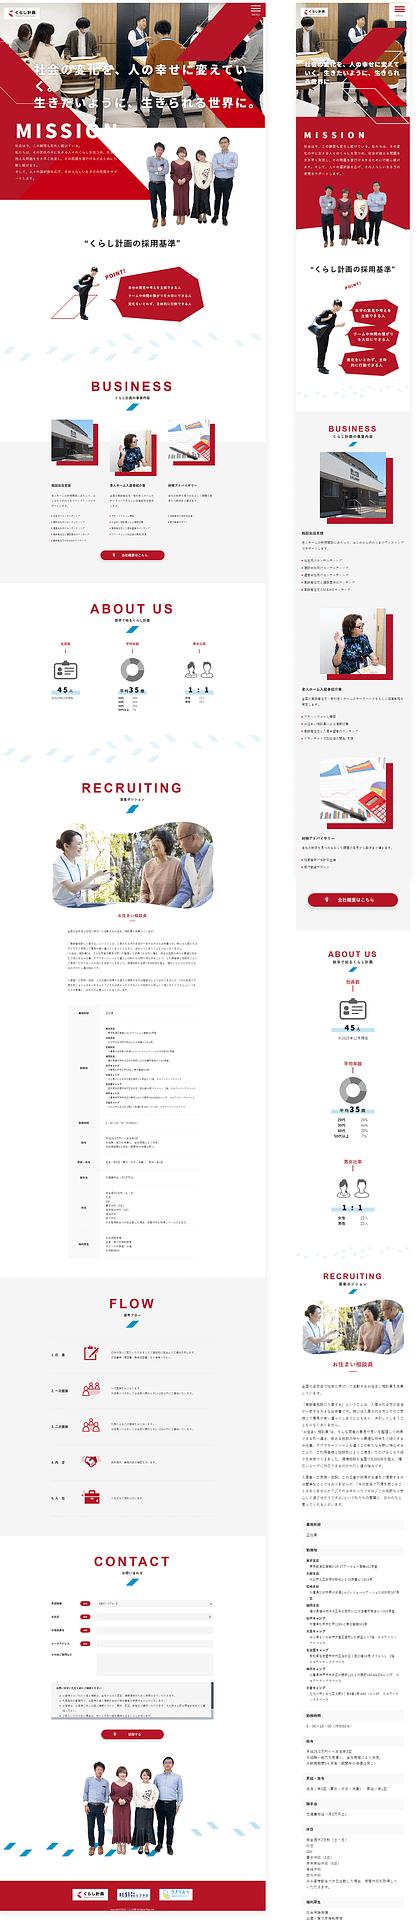 くらし計画様 採用サイト